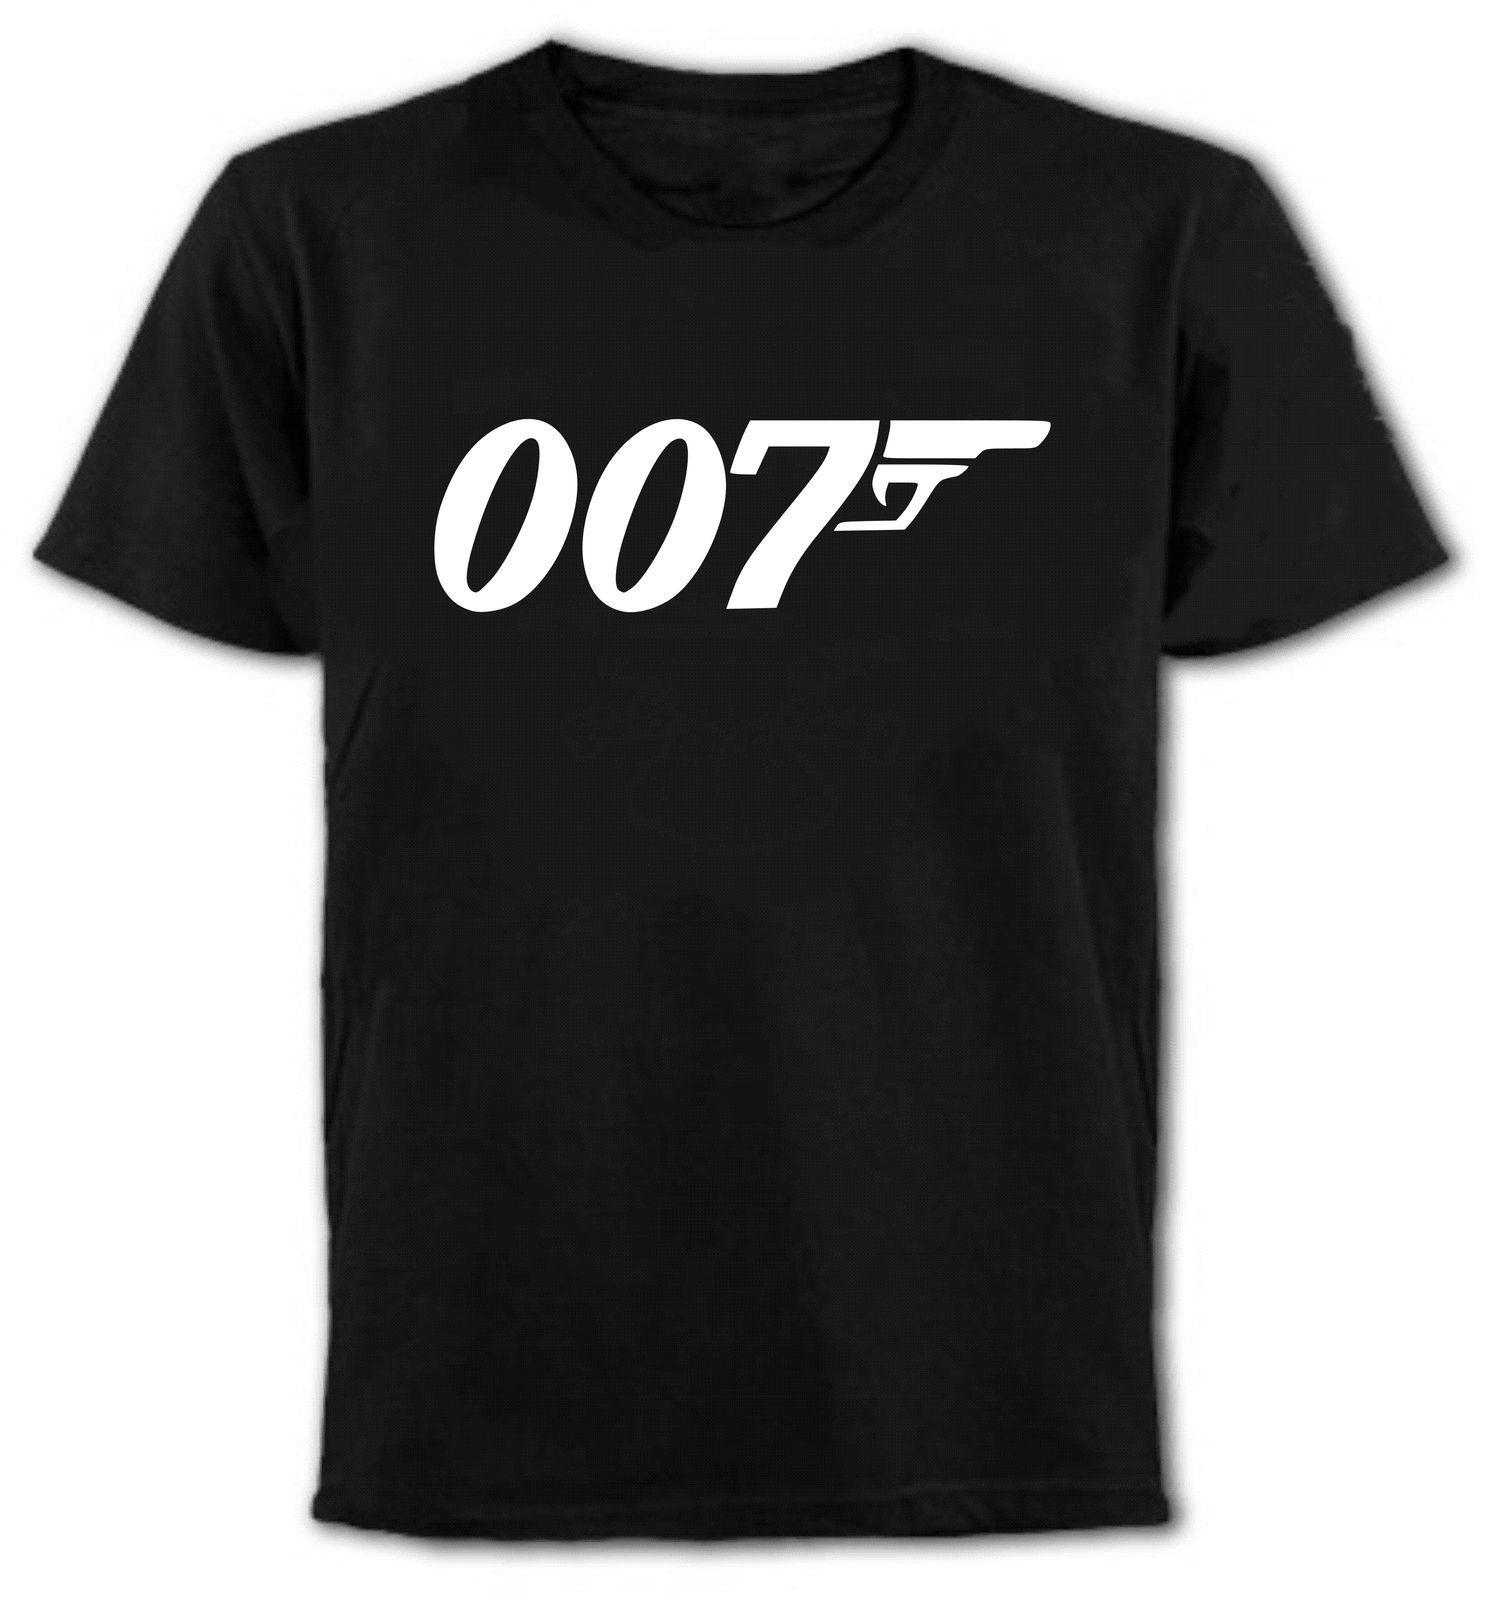 T Bond- Aliexpress.com経由、中...